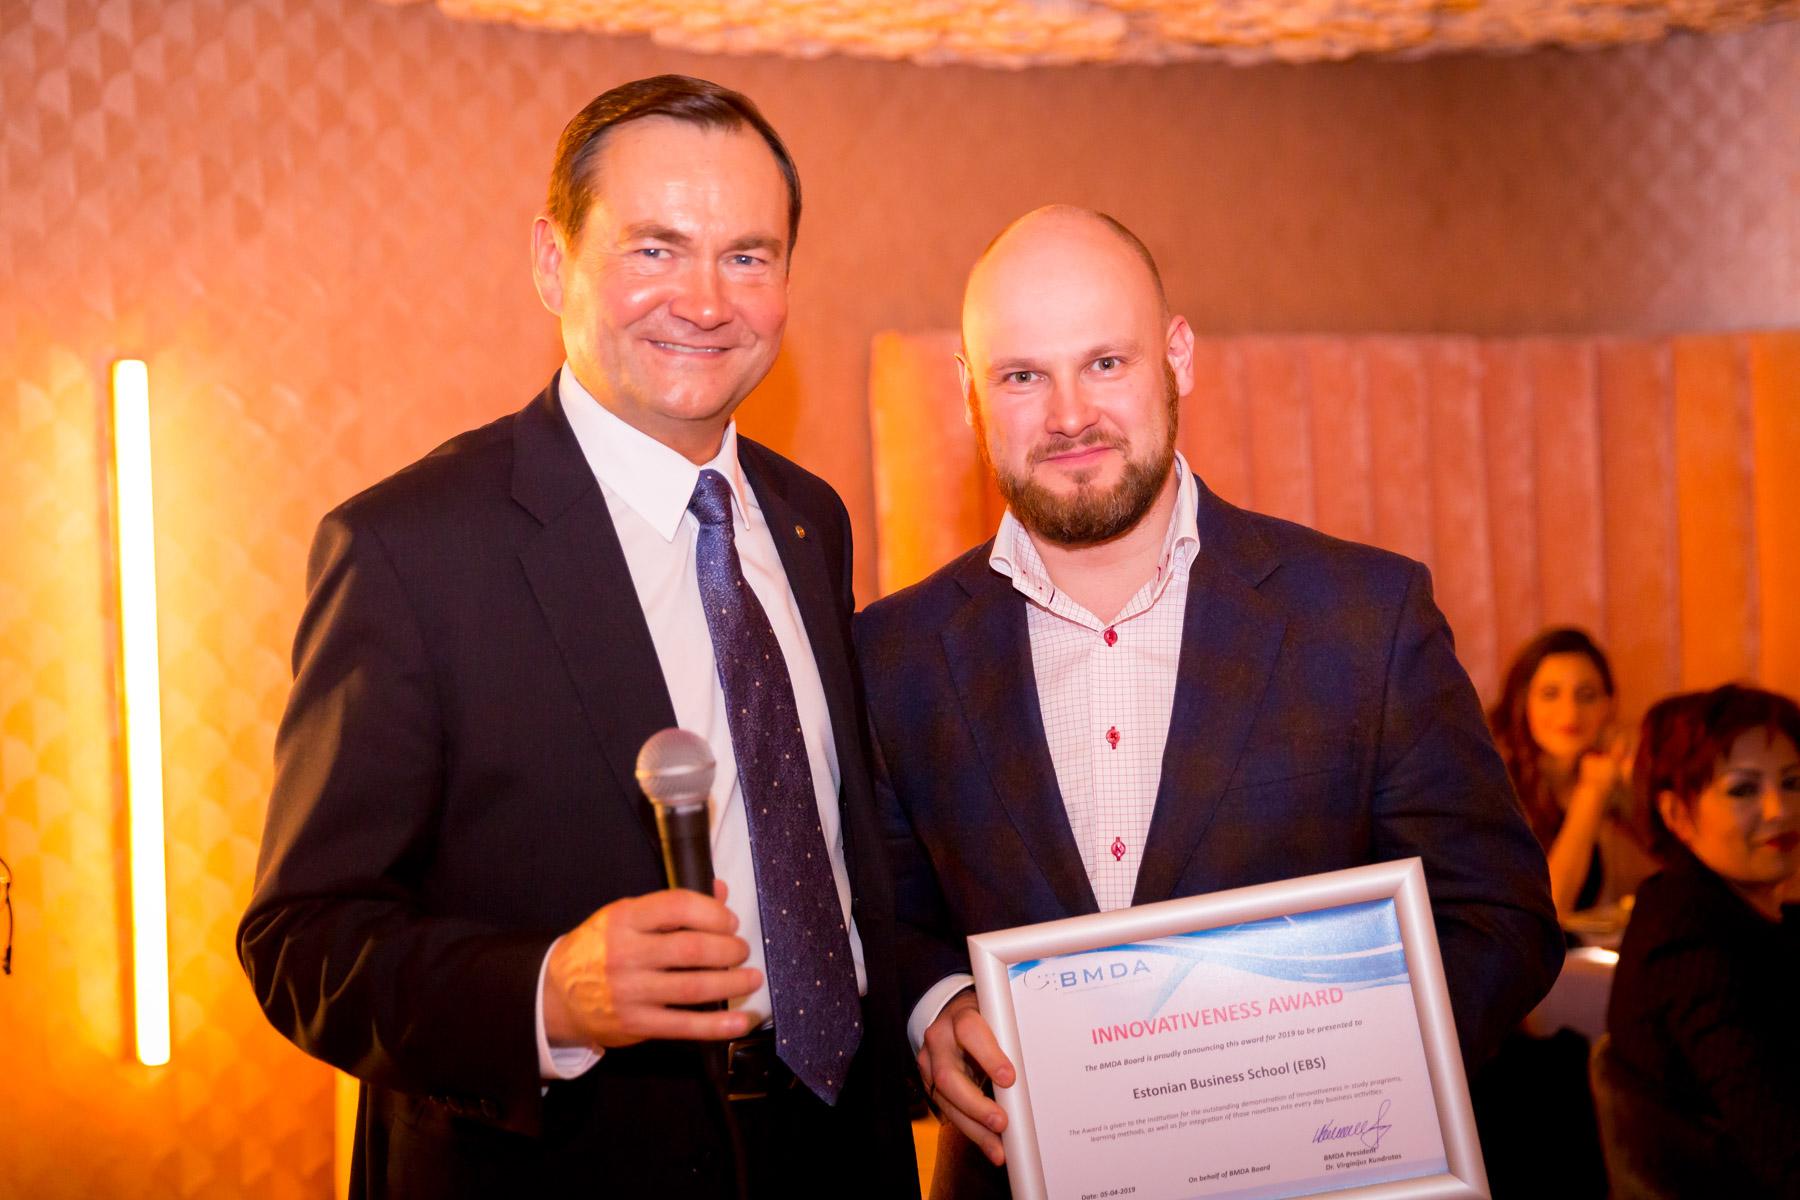 EBS receives BMDA award for Innovativeness